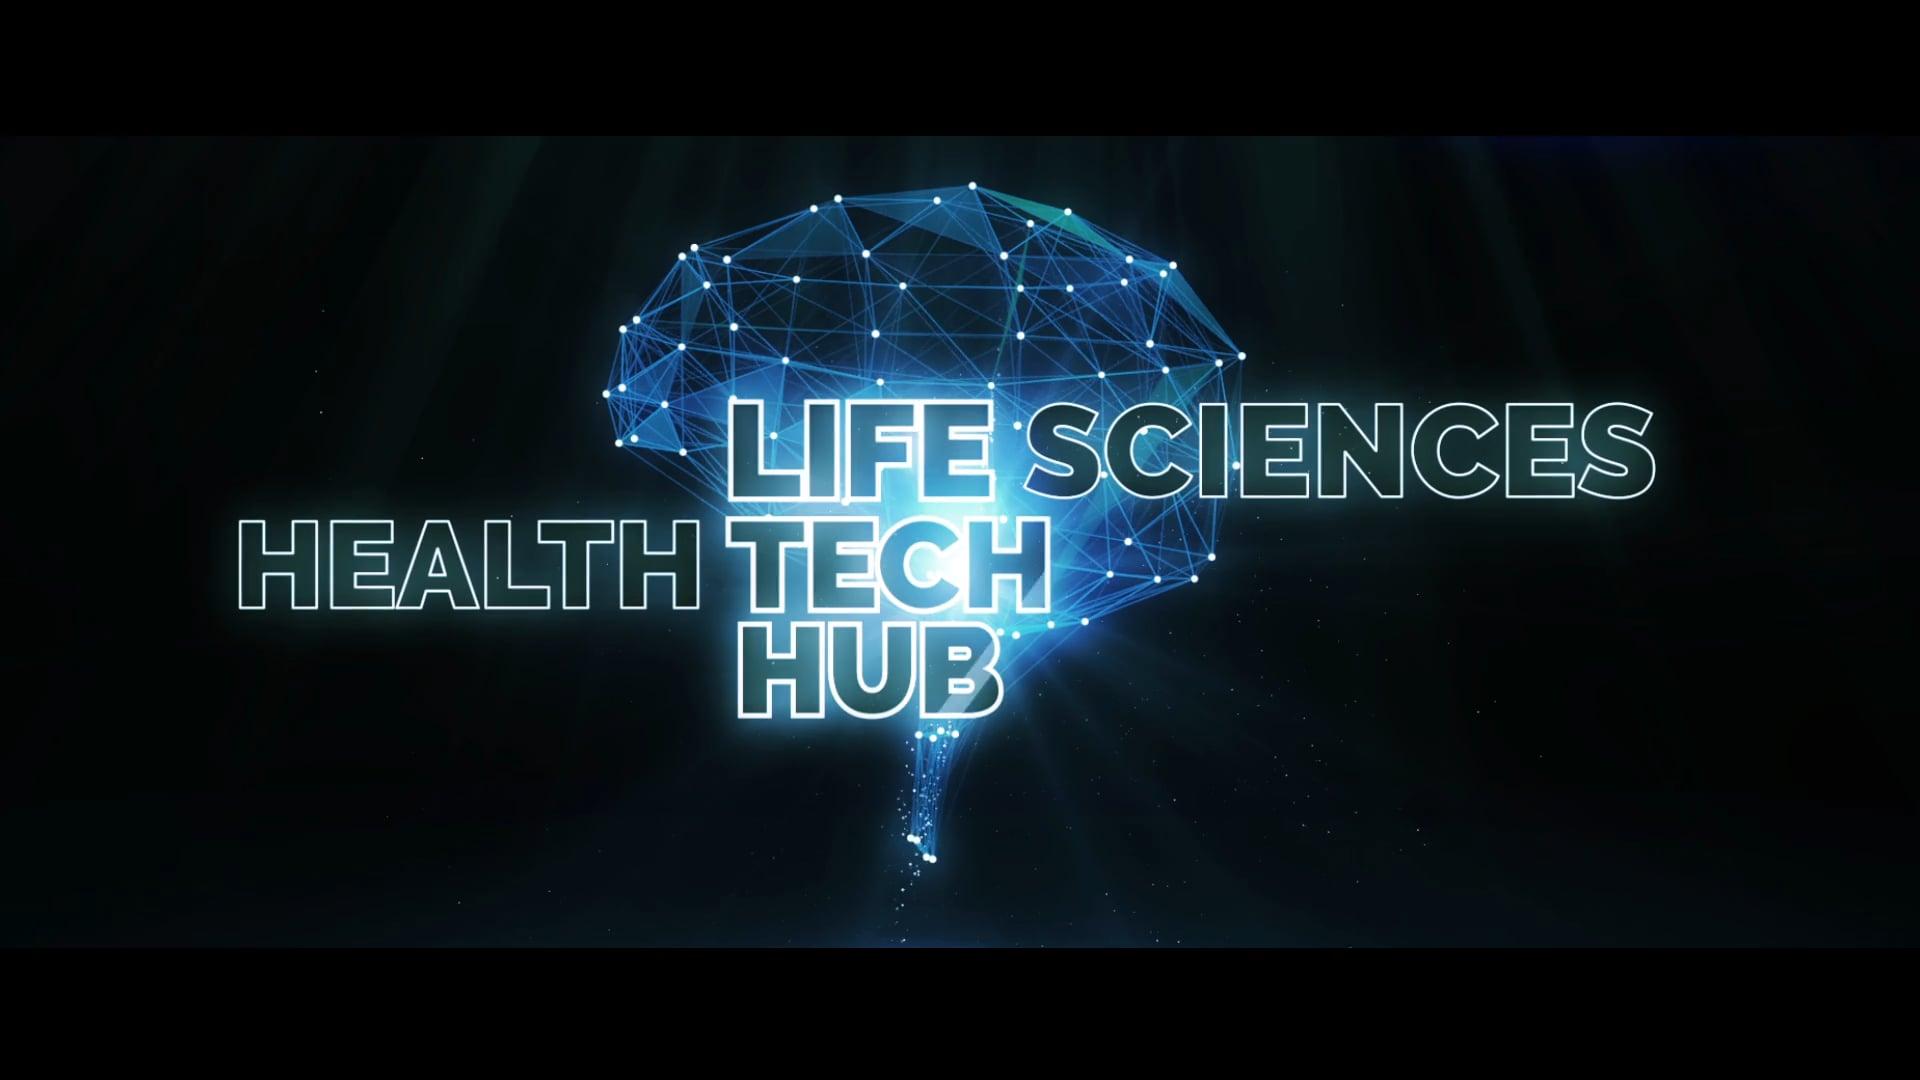 QUÉBEC'S LIFE SCIENCES HEALTH TECH HUB